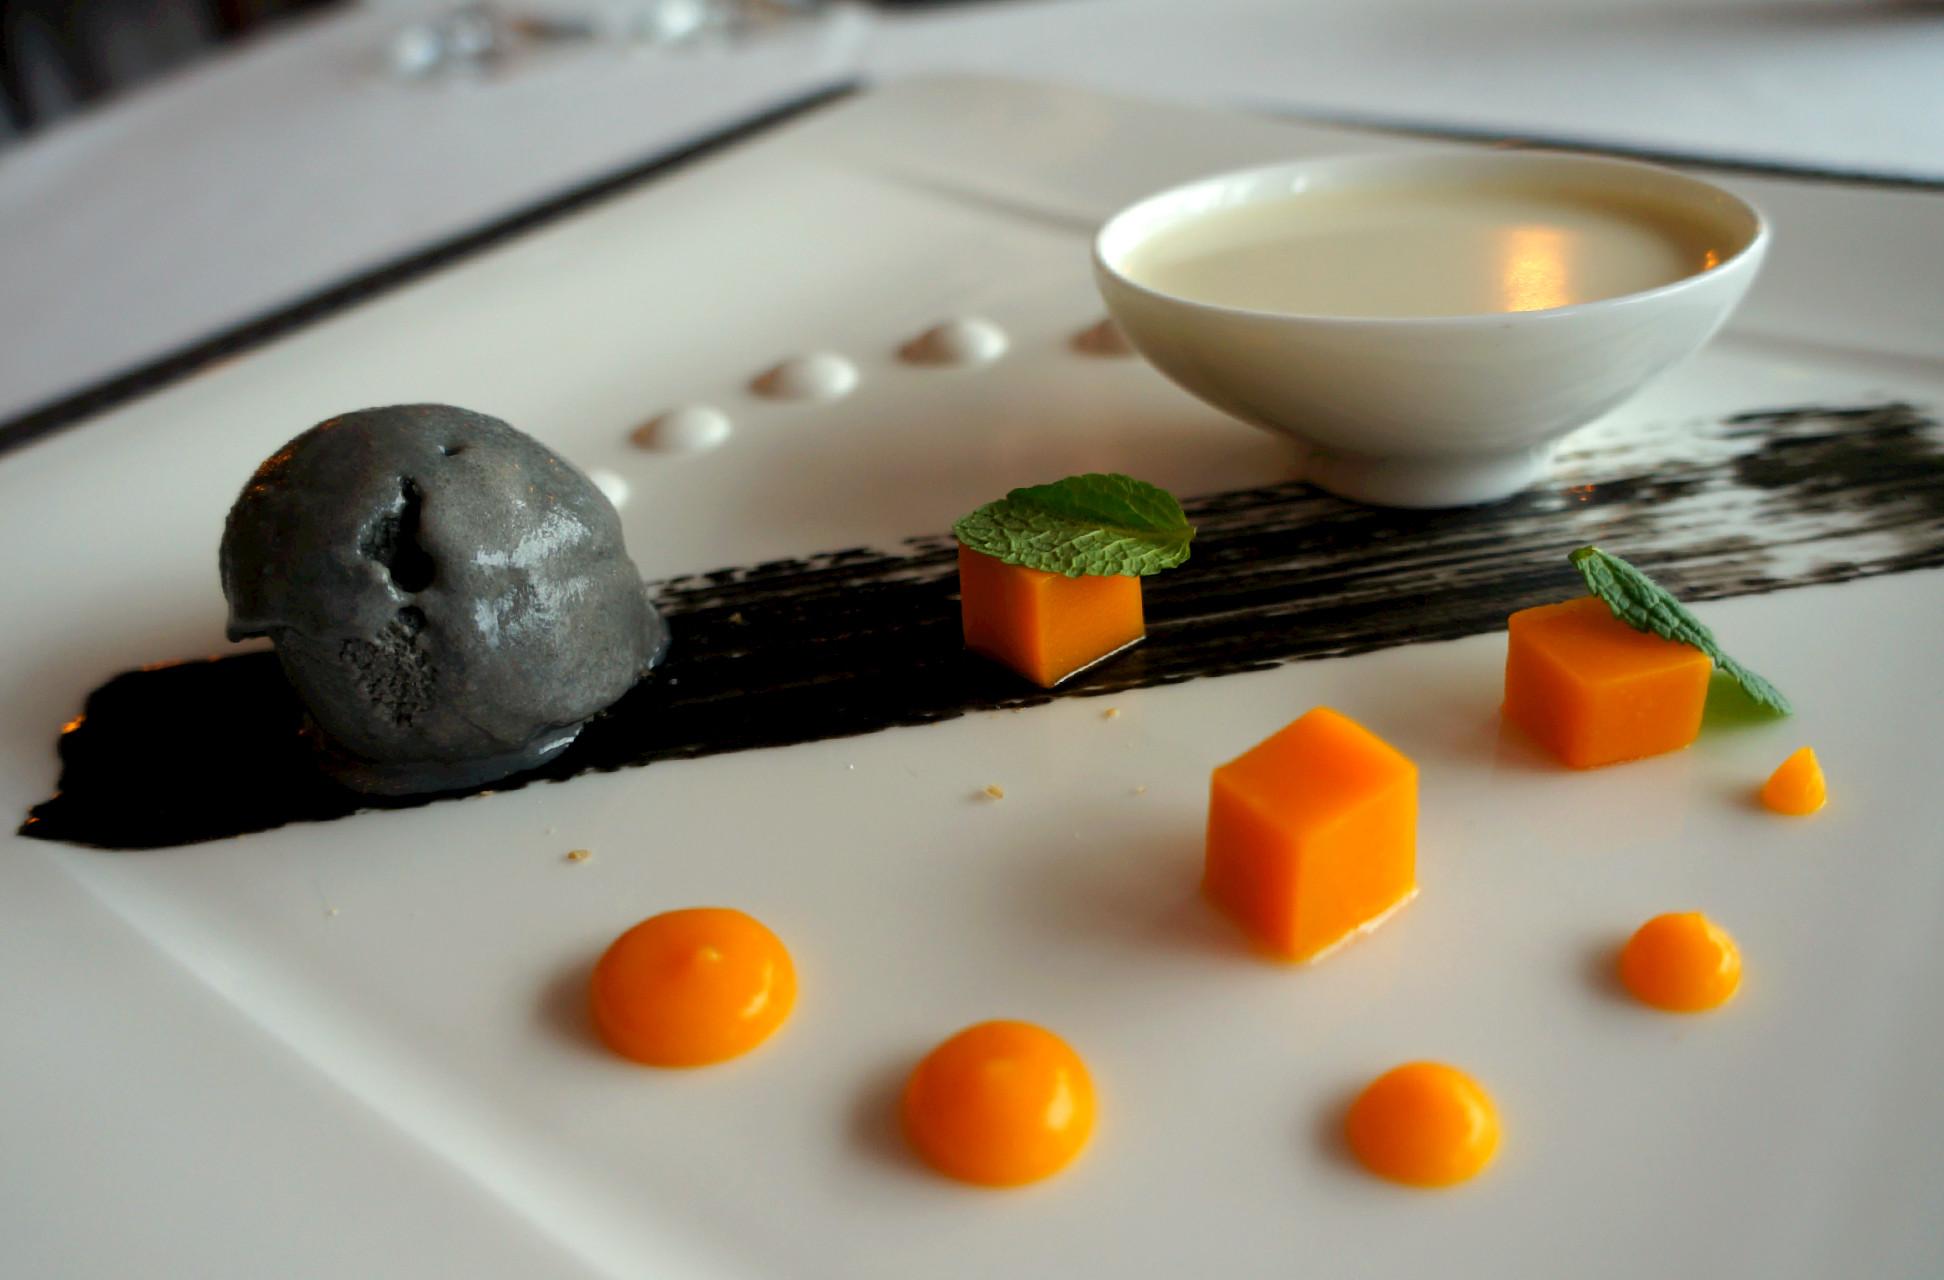 sladoled od crnog susama, panakota od kokosa i žele od manga